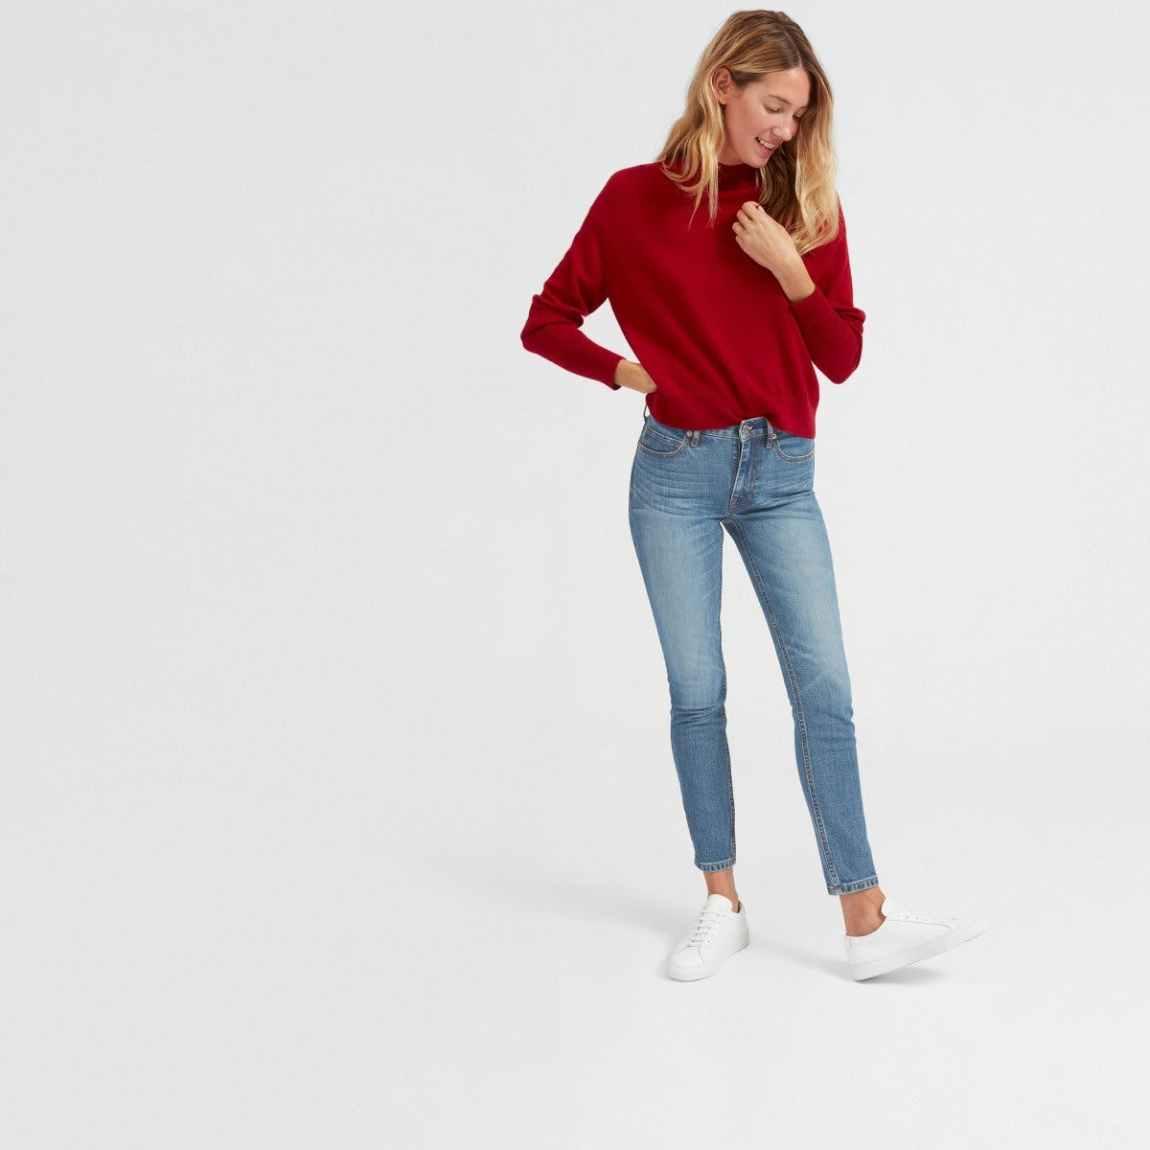 everlane, everlane jeans, everlane denim, japanese denim, cropped jeans, lightwash jeans, blue jeans, blue denim, mid-rise jeans, skinny jeans, denimblog, denim blog